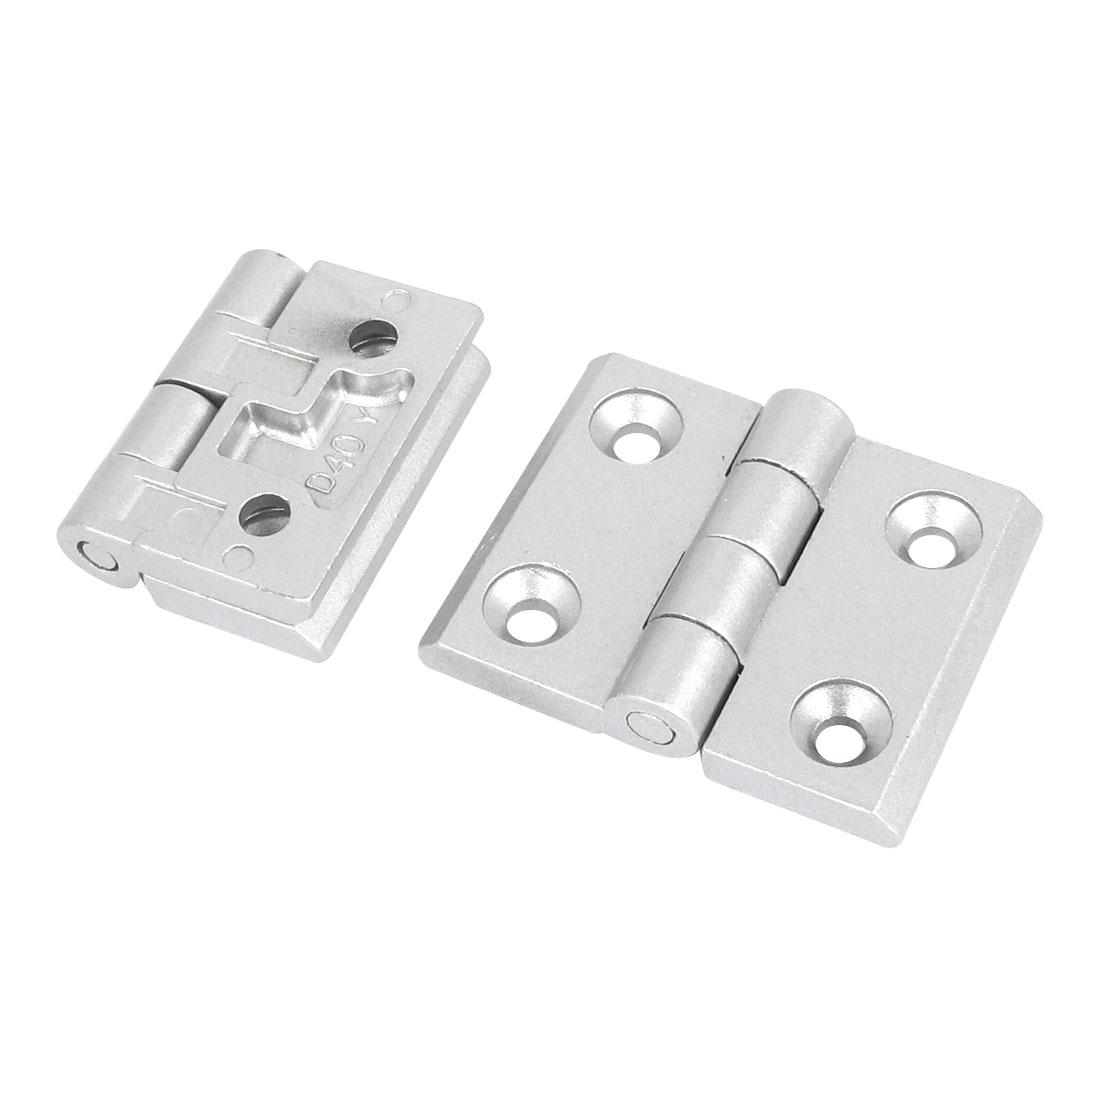 2pcs Cupboard Cabinet Closet Aluminum Alloy Door Butt Hinge 65mm Long